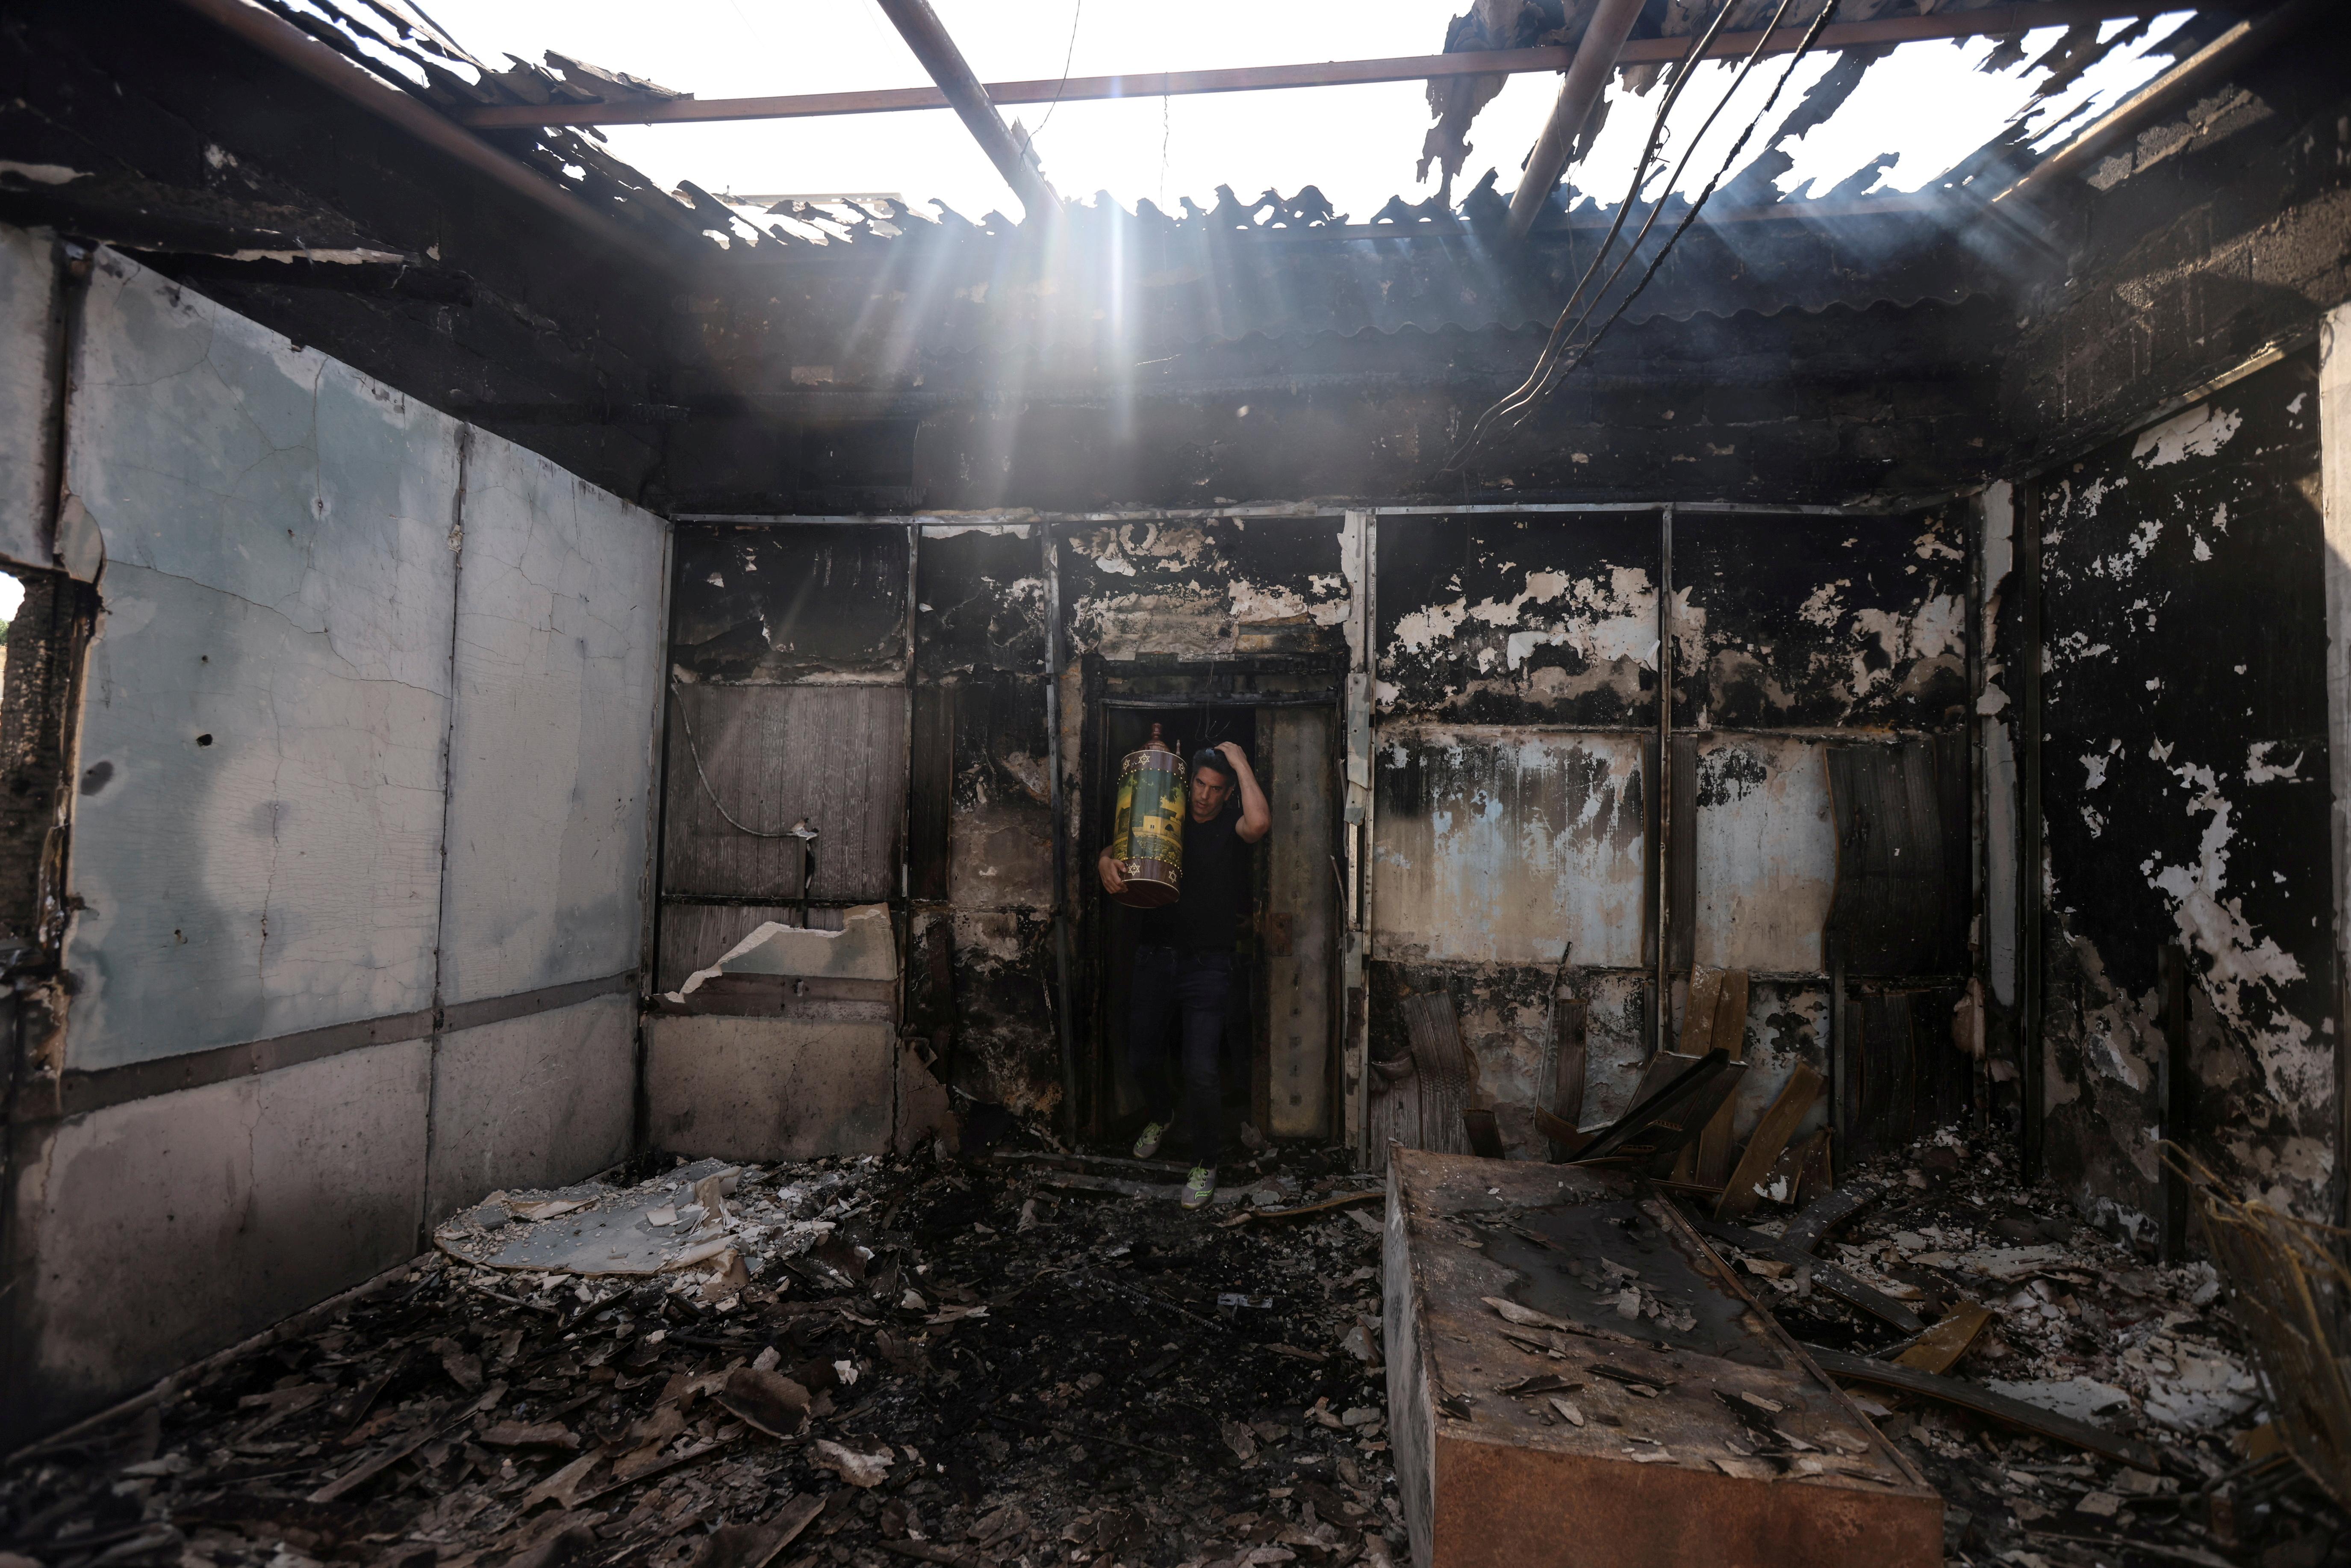 यरूशलम में हुए दंगों में यहूदियों के एक धार्मिक स्थल को आग के हवाले कर दिया गया। इसके बाद वहां से जरूरी सामान ले जाता एक युवक।